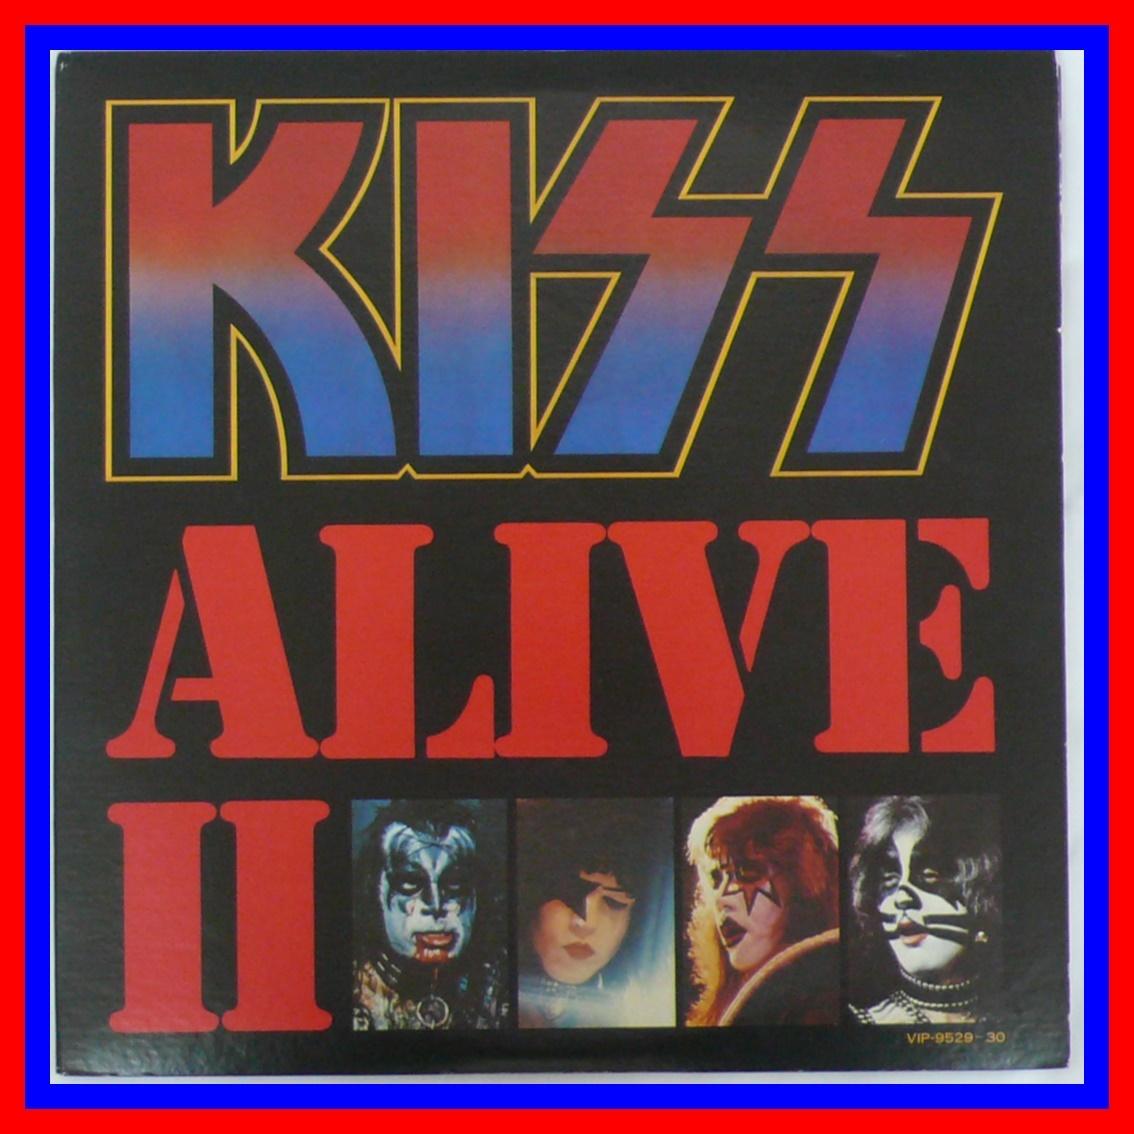 【ワンコインセール】 KISS ALIVE Ⅱ VIP-9529~30 LP レコード 2枚組 キッス アライブ II_画像1